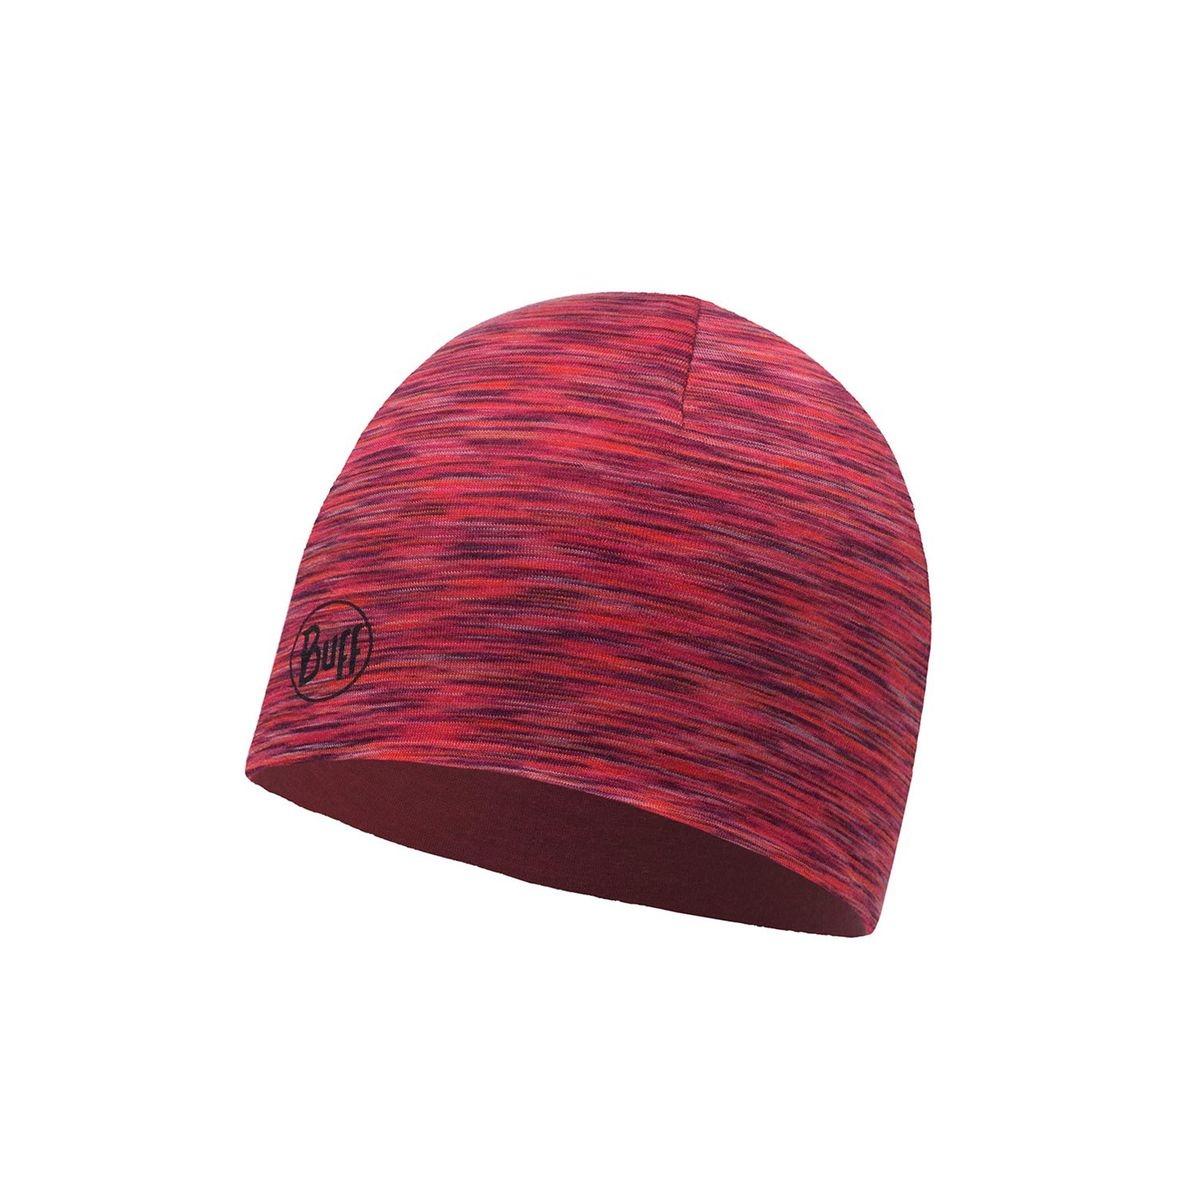 Bonnet reversible laine mérinos LIGHTWEIGHT